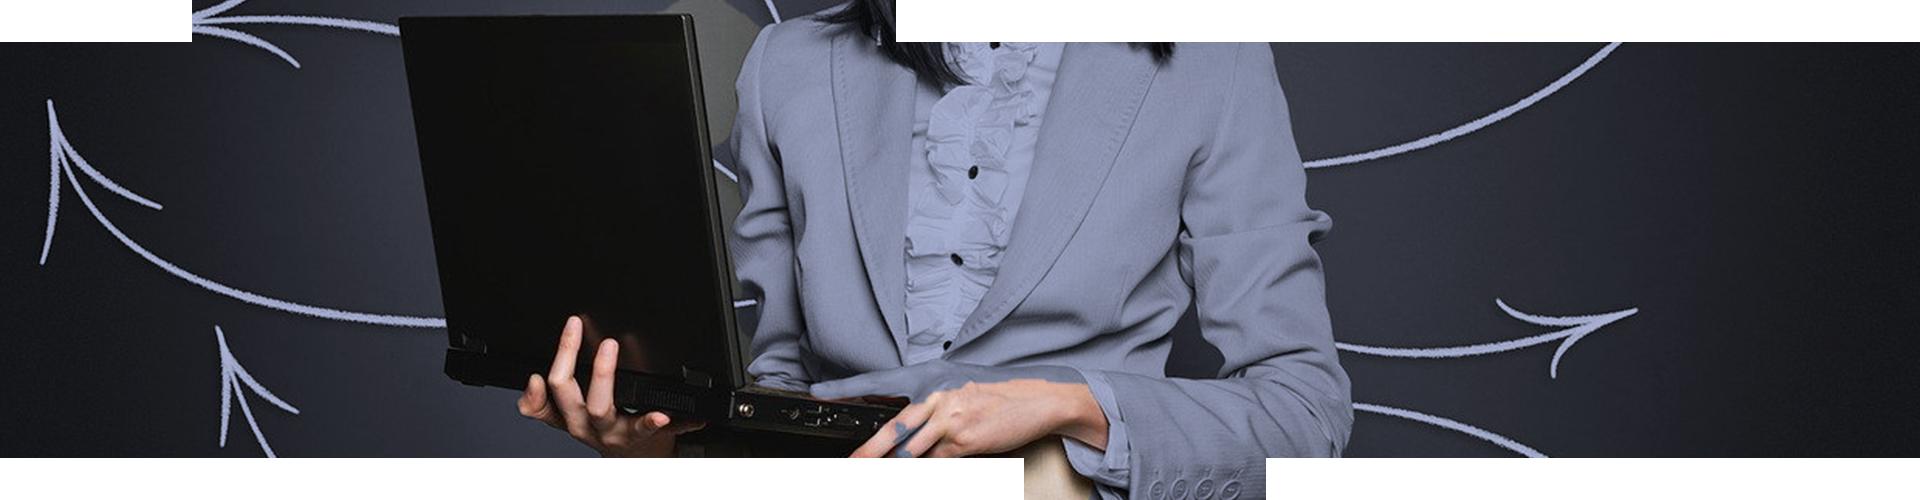 Plataformas eLearning en empresas, la respuesta a la formación de tus empleados